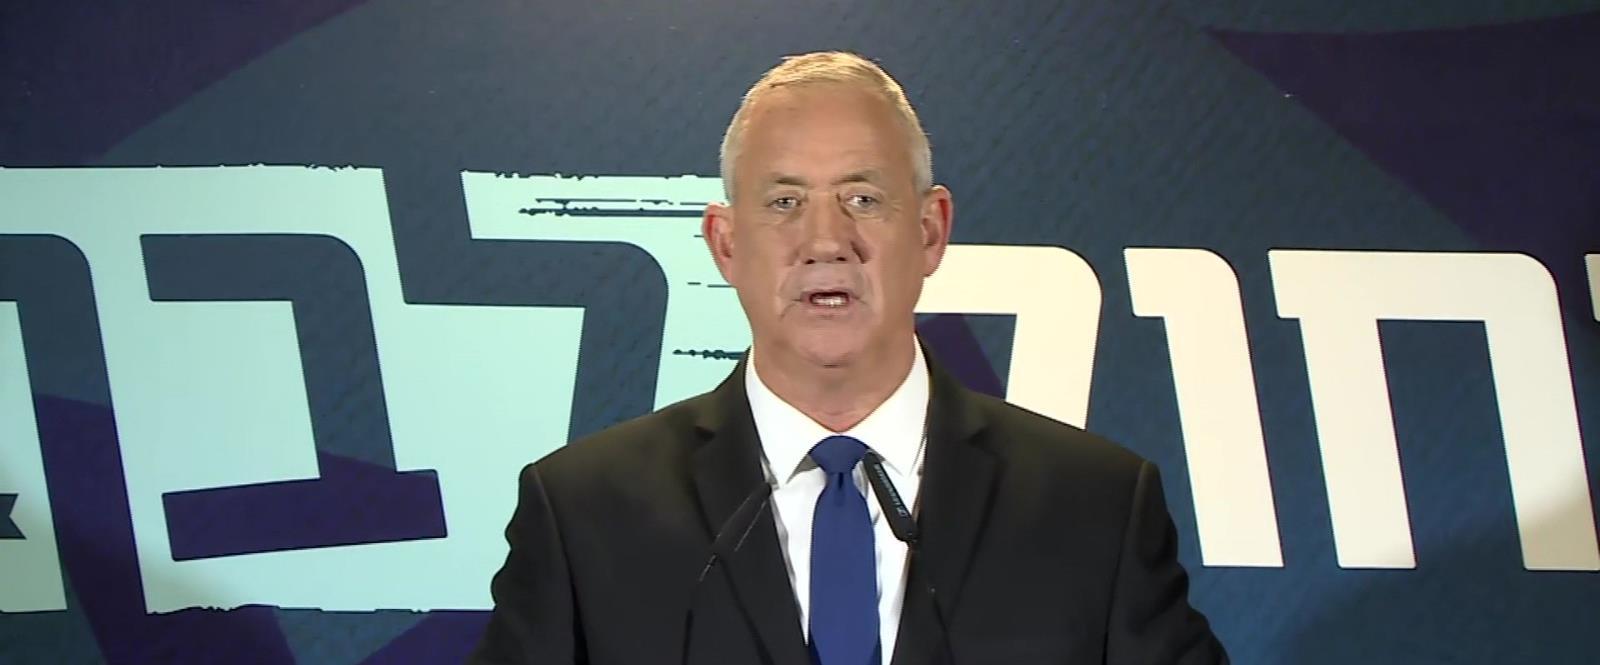 בני גנץ בישיבת סיעת כחול לבן - תל אביב- 19.9.2019